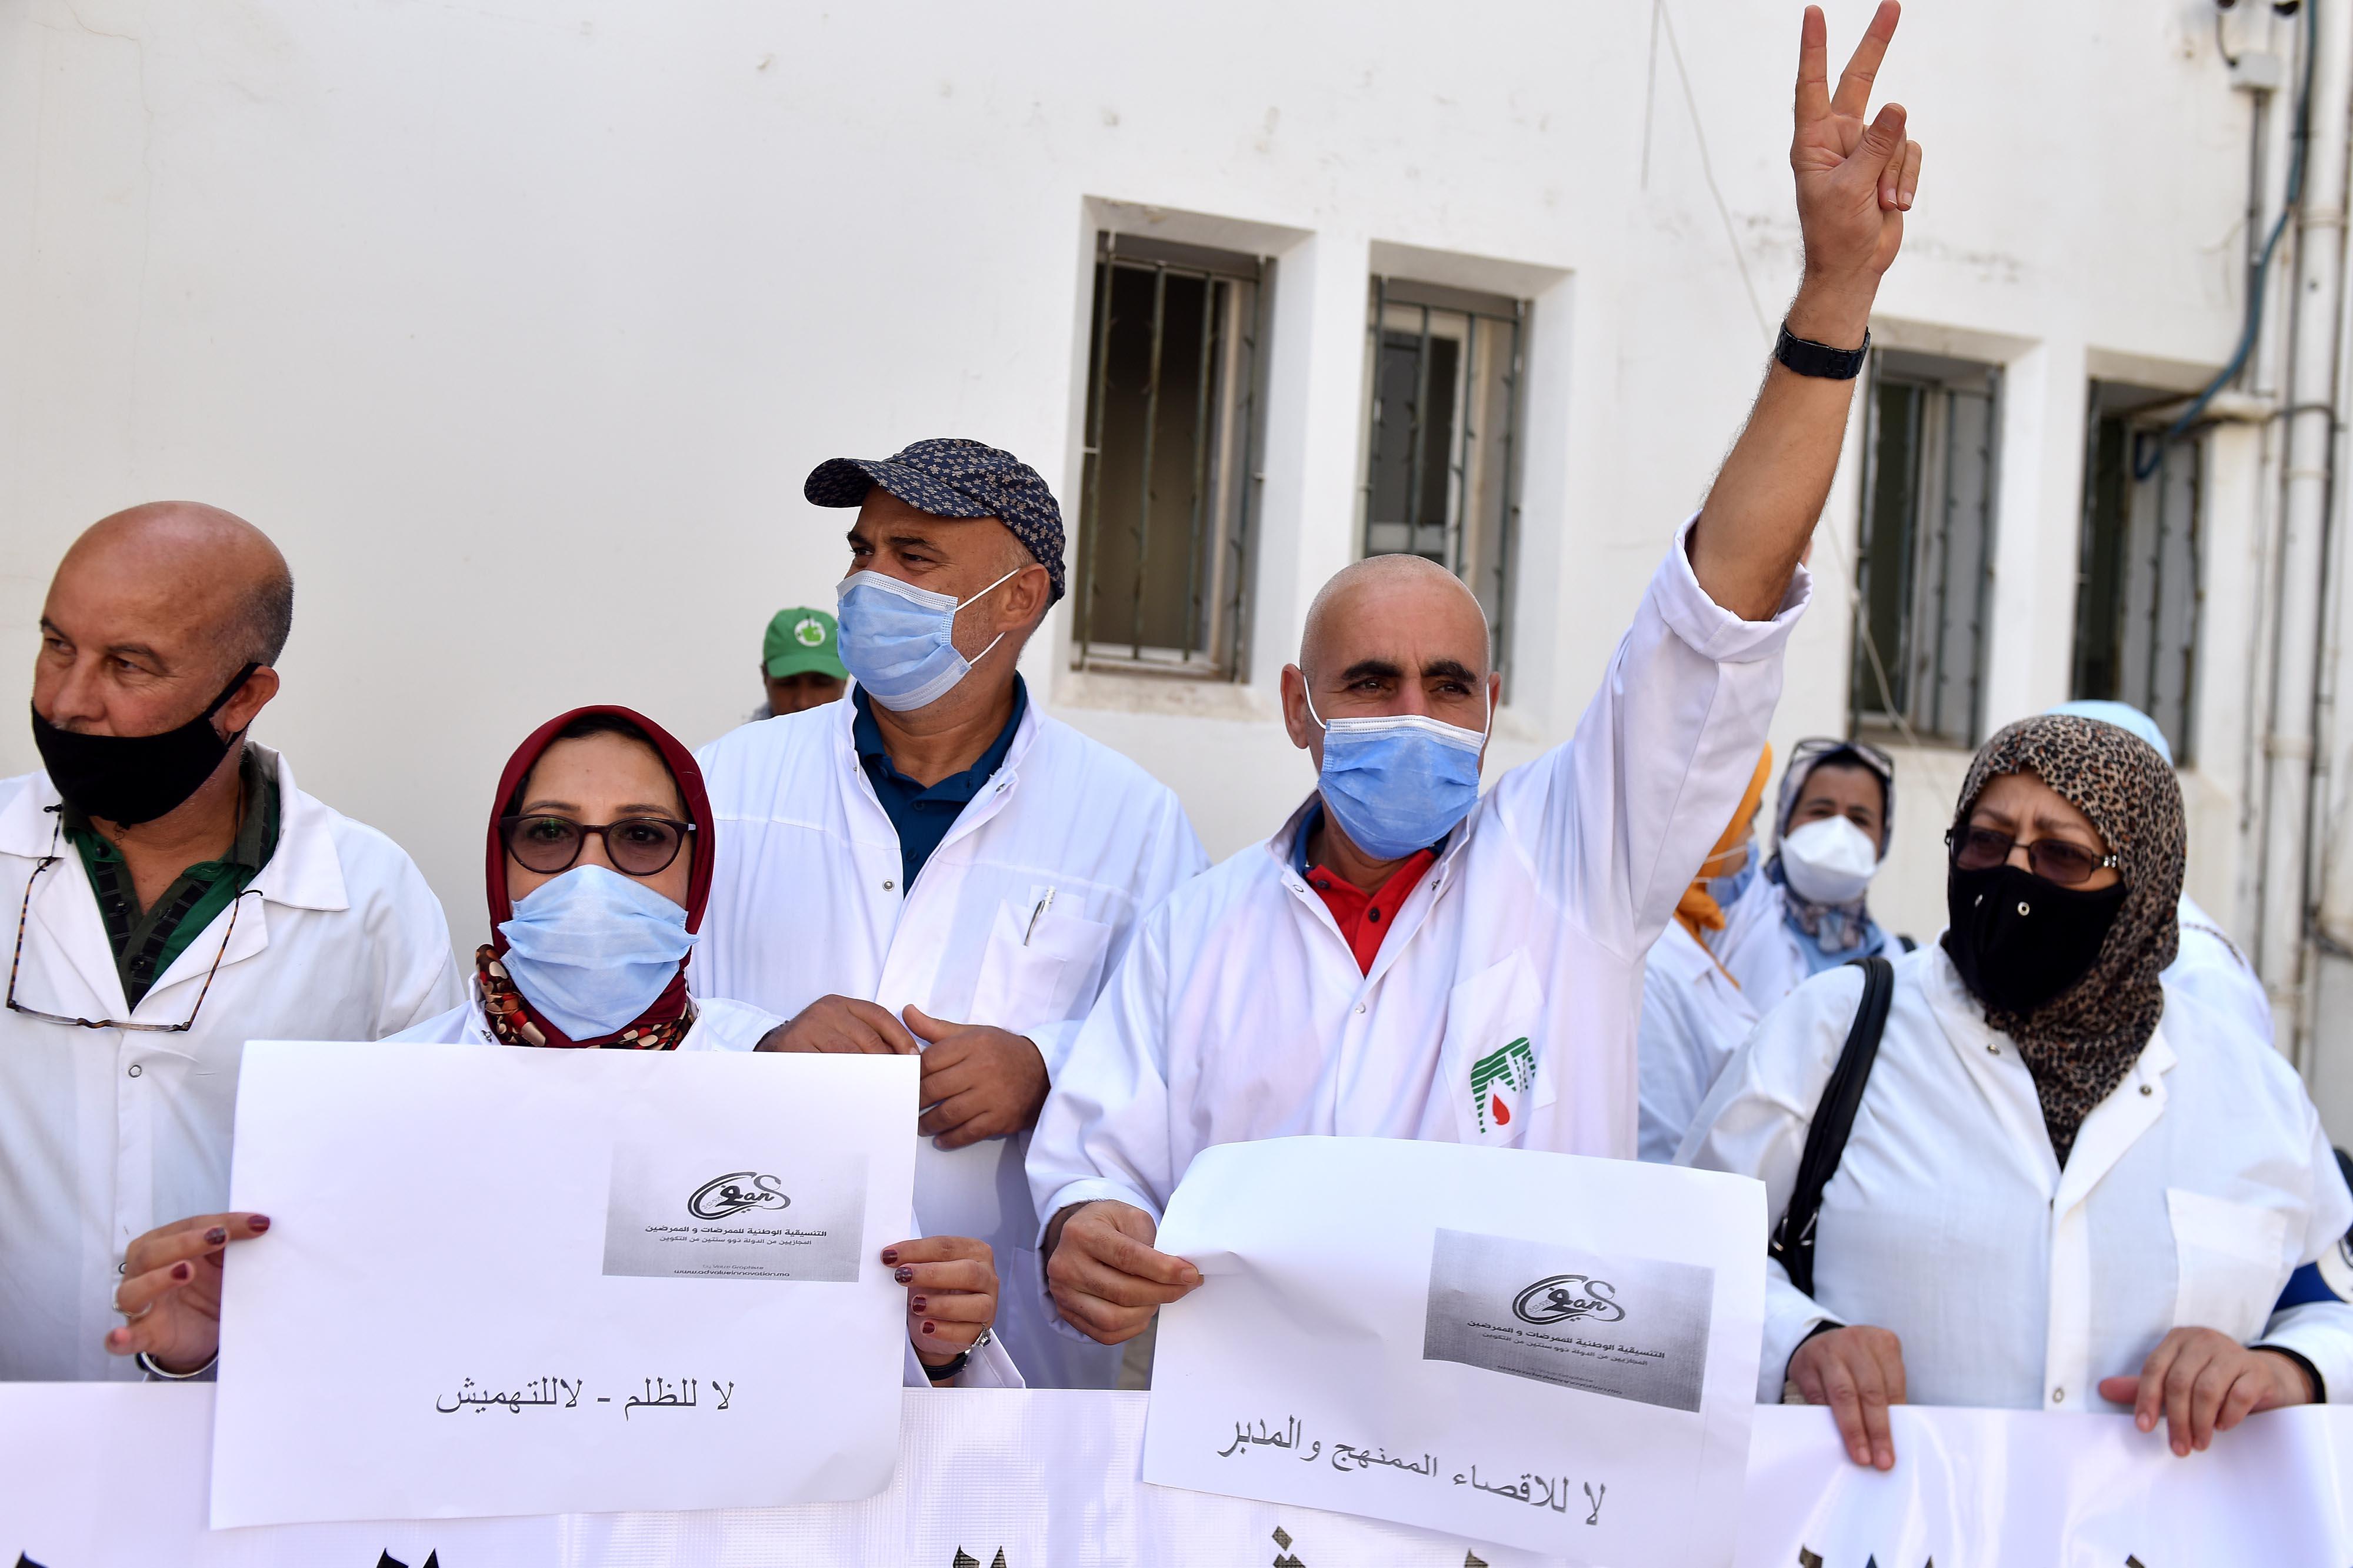 Les infirmiers réagissent à la décision d'interdire les manifestations à Rabat